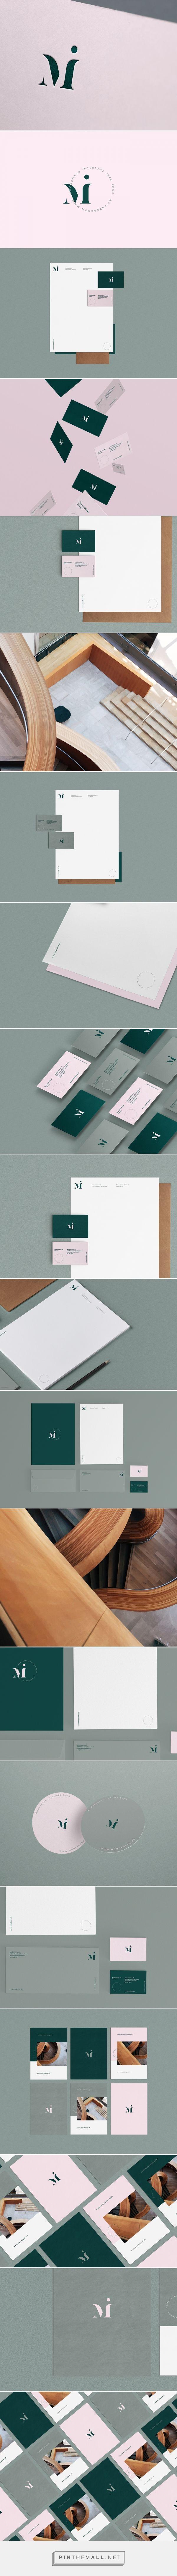 #Inspiration #Concep· #Graphic #Interiordesing #design #style #interior #deco #art #identidad #identity #símbolo #symbol #tipografía #typography #papelería